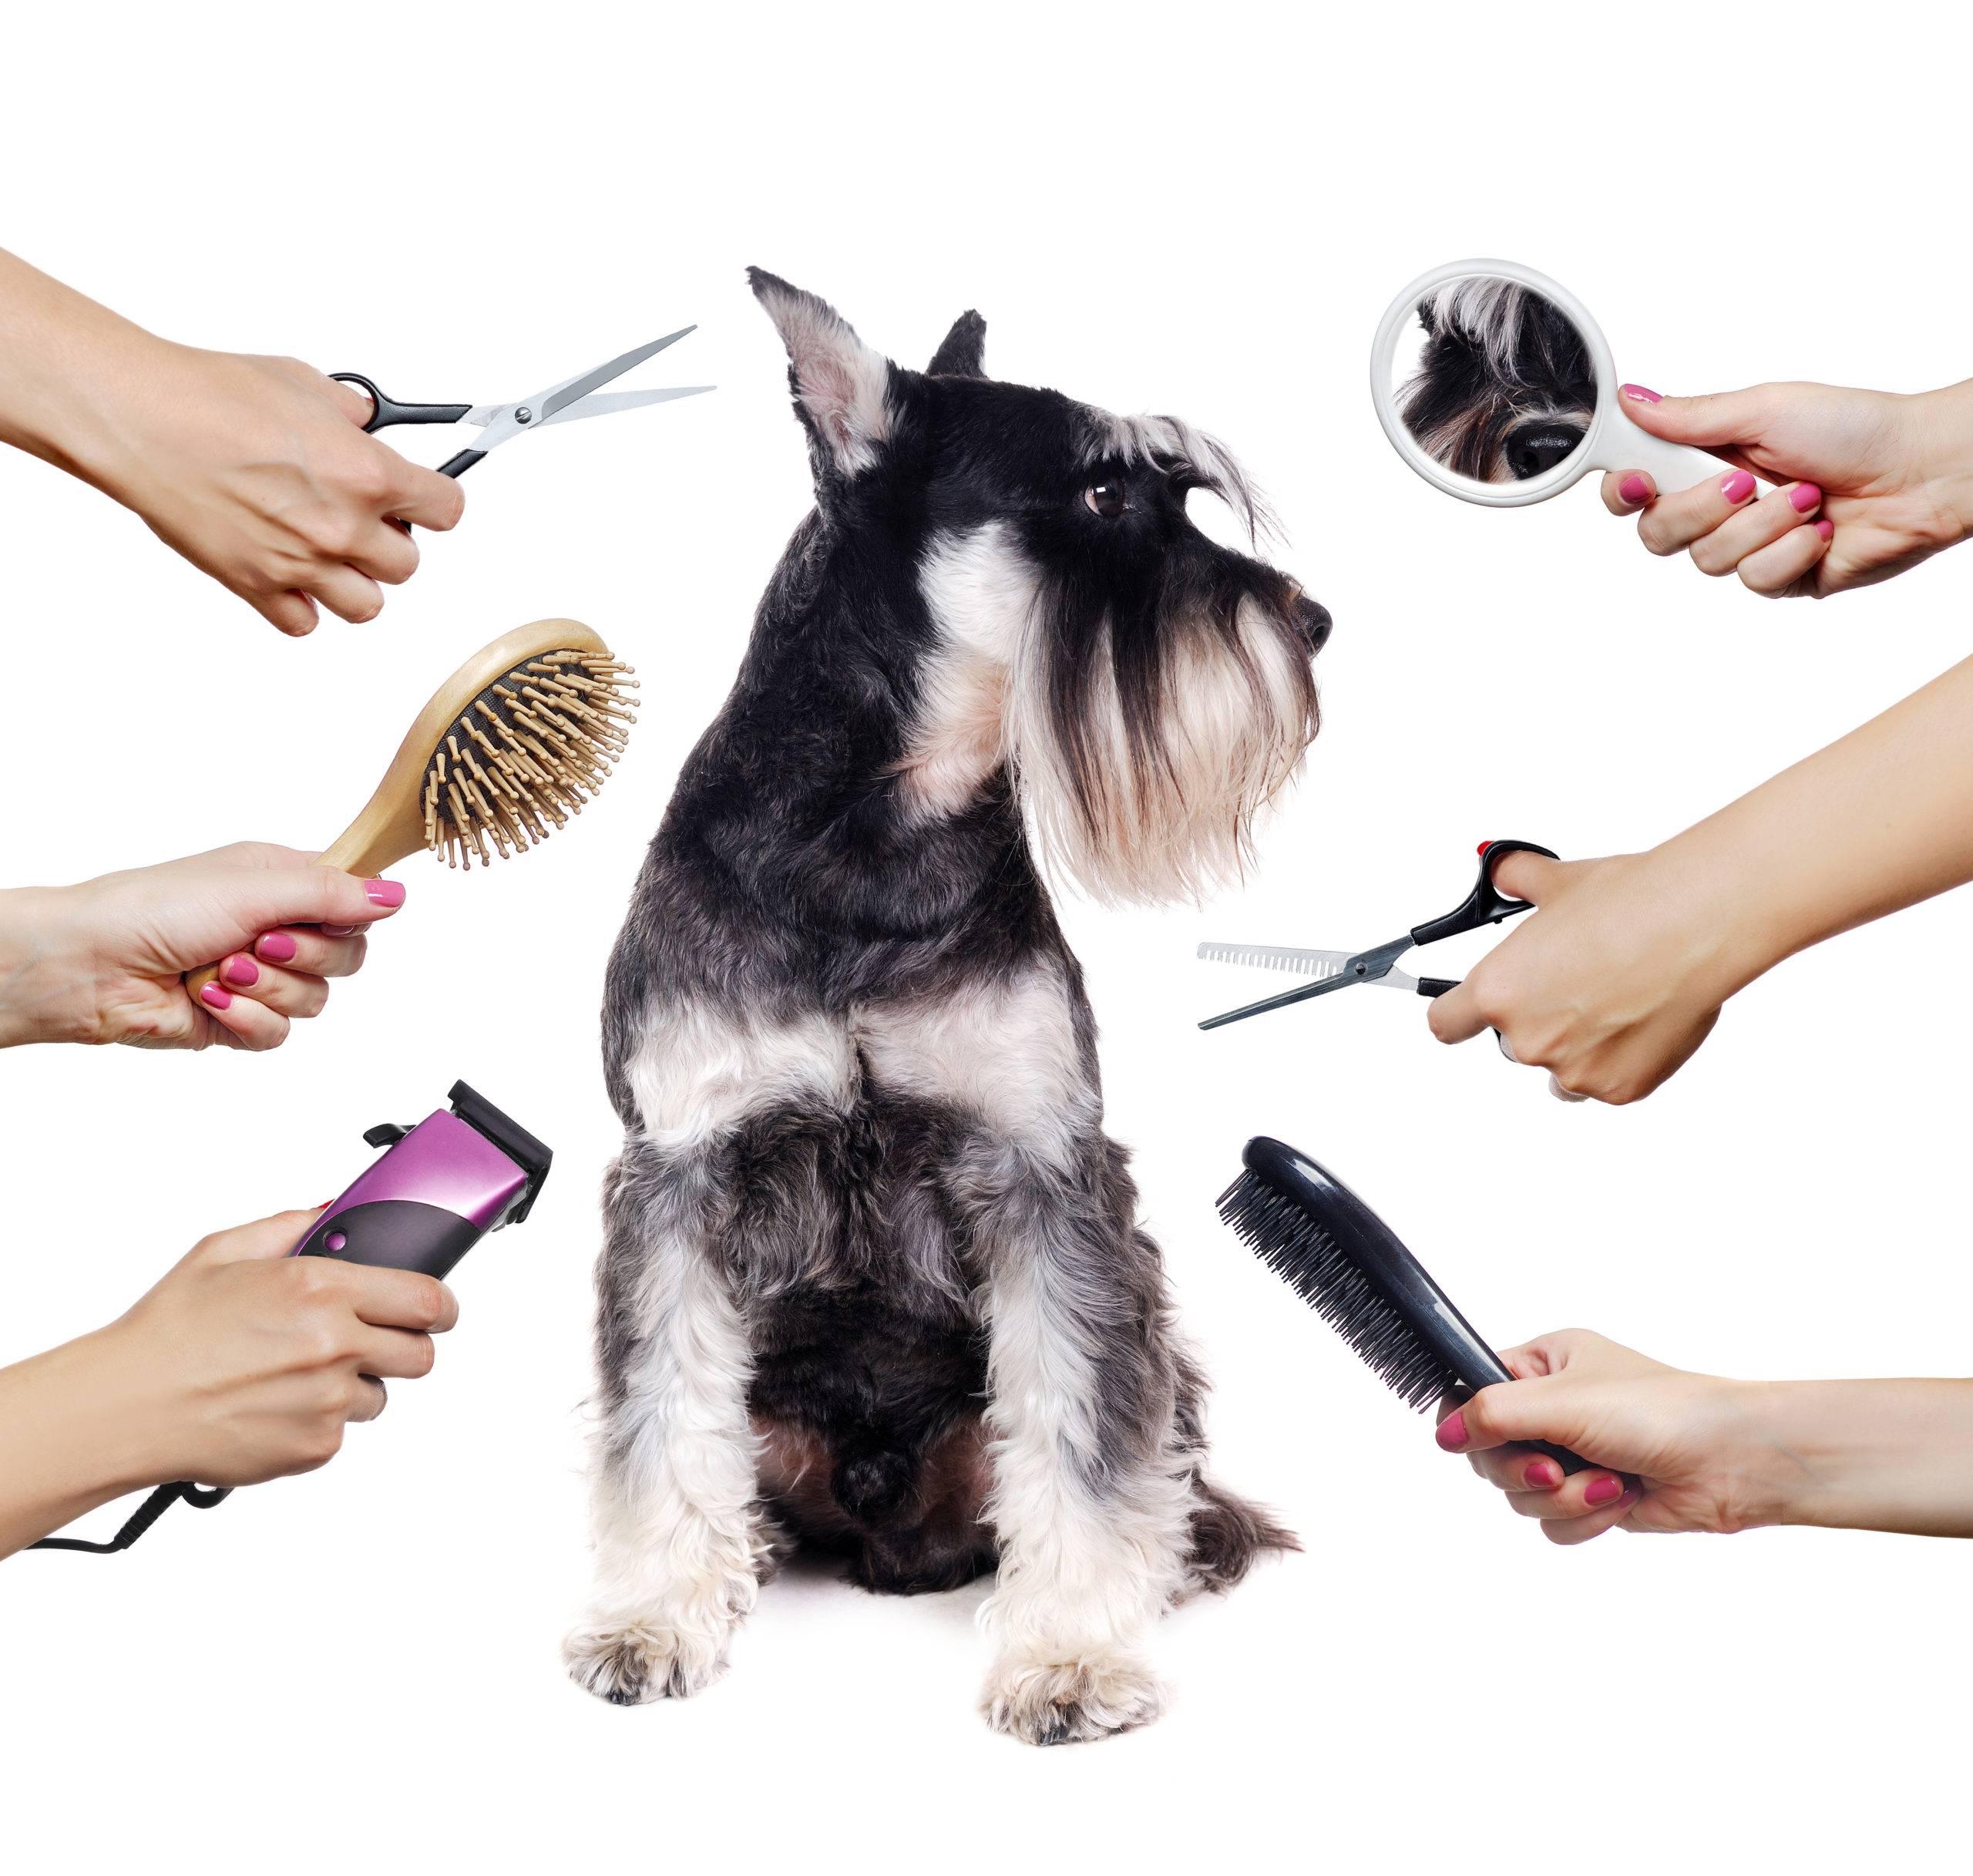 Как подстричь морду йорку: особенности и виды стрижек, необходимые инструменты, выполнение процедуры в домашних условиях